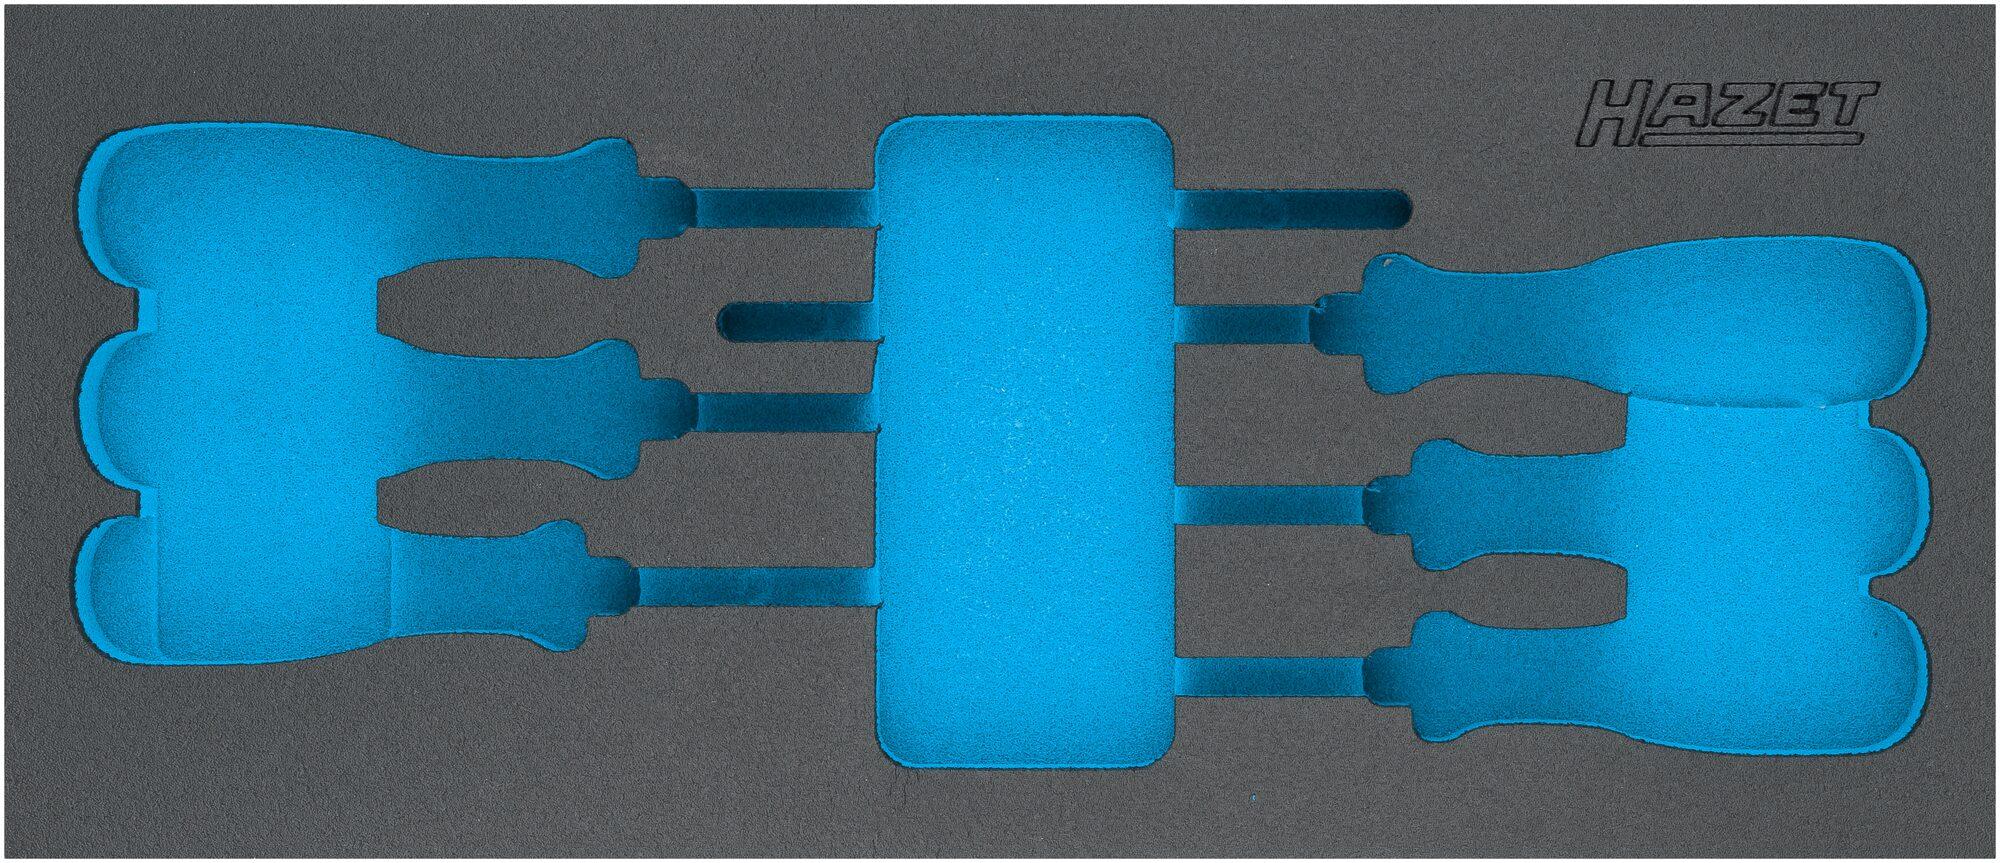 HAZET 2-Komponenten Weichschaum-Einlage 163-522L